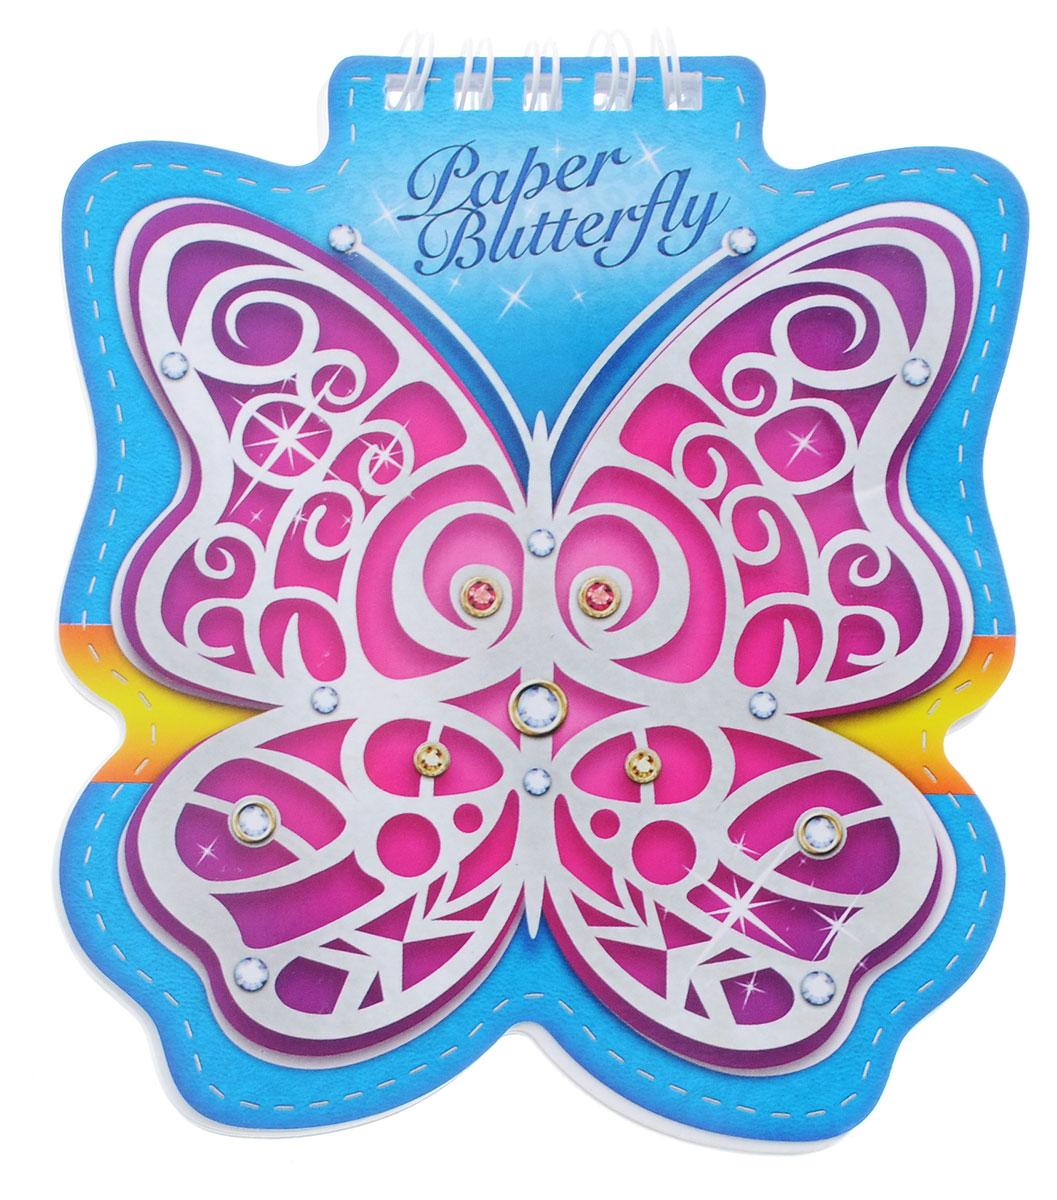 Hatber Блокнот Paper Butterfly 60 листов60Б6Aгр_12691Блокнот Hatber Paper Butterfly послужит прекрасным местом для памятных записей, любимых стихов и многого другого. Внутренний блок состоит из 60 листов белой бумаги на металлическом гребне без линовки. Интересные форма и обложка блокнота притягивают взгляды всех любителей необычного. Блокнот - незаменимый атрибут современного человека, необходимый для рабочих и повседневных записей в офисе и дома.